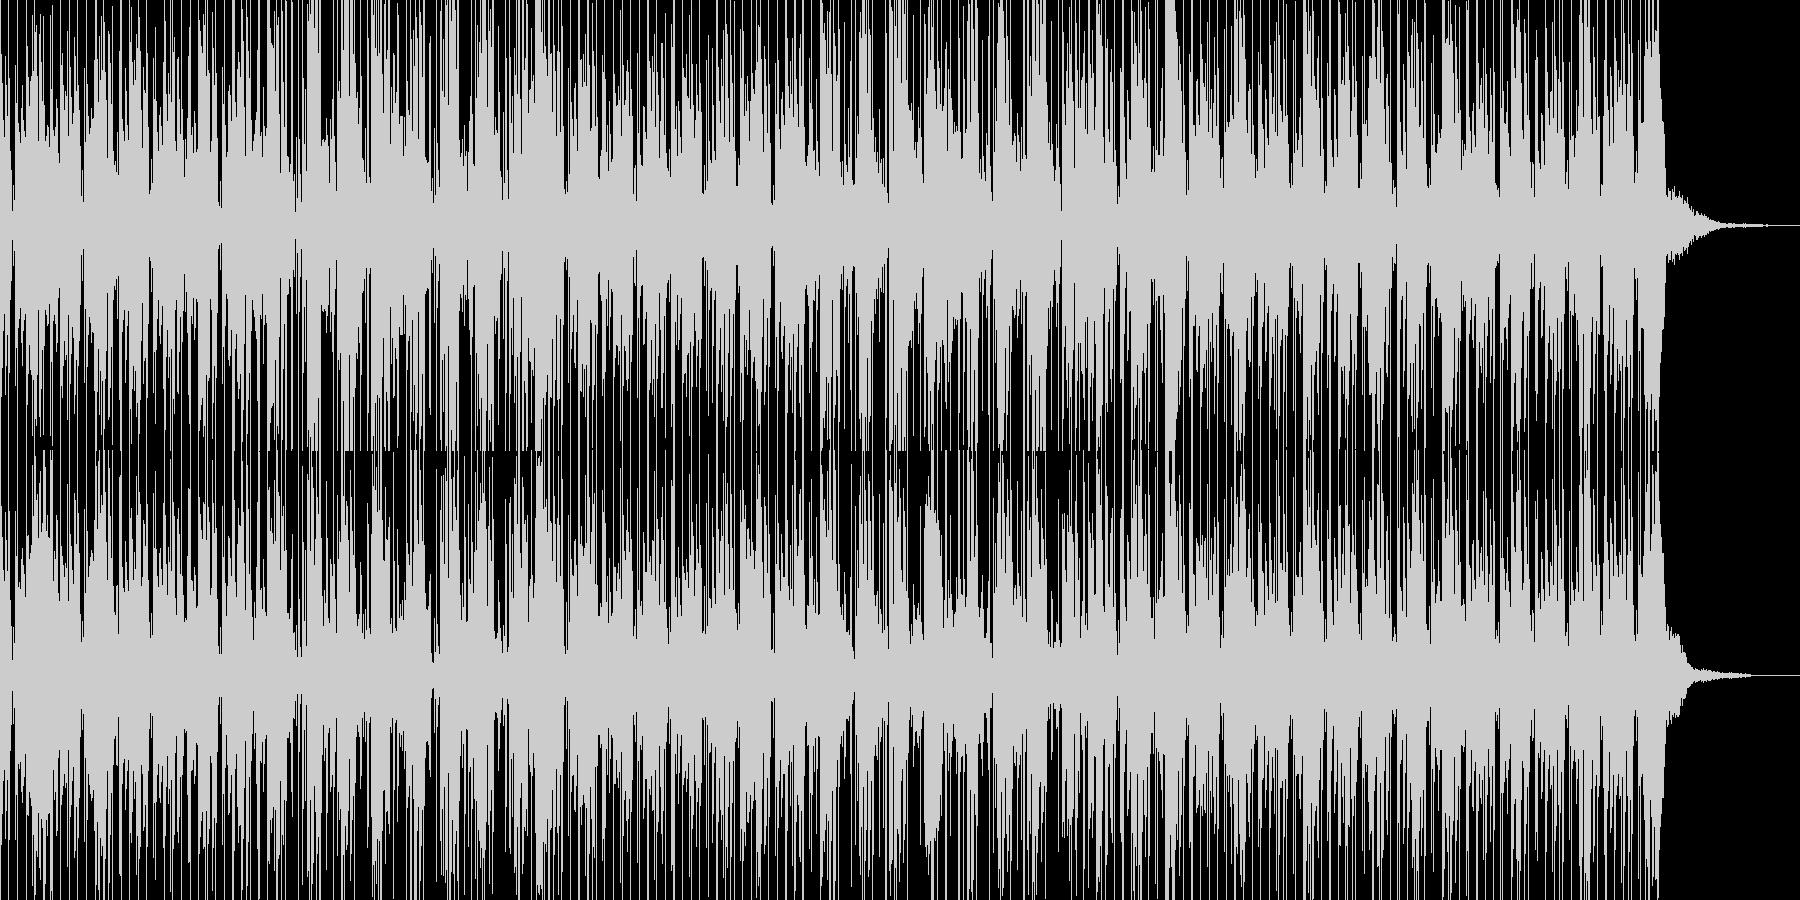 このテックグルーブのファンキーなク...の未再生の波形